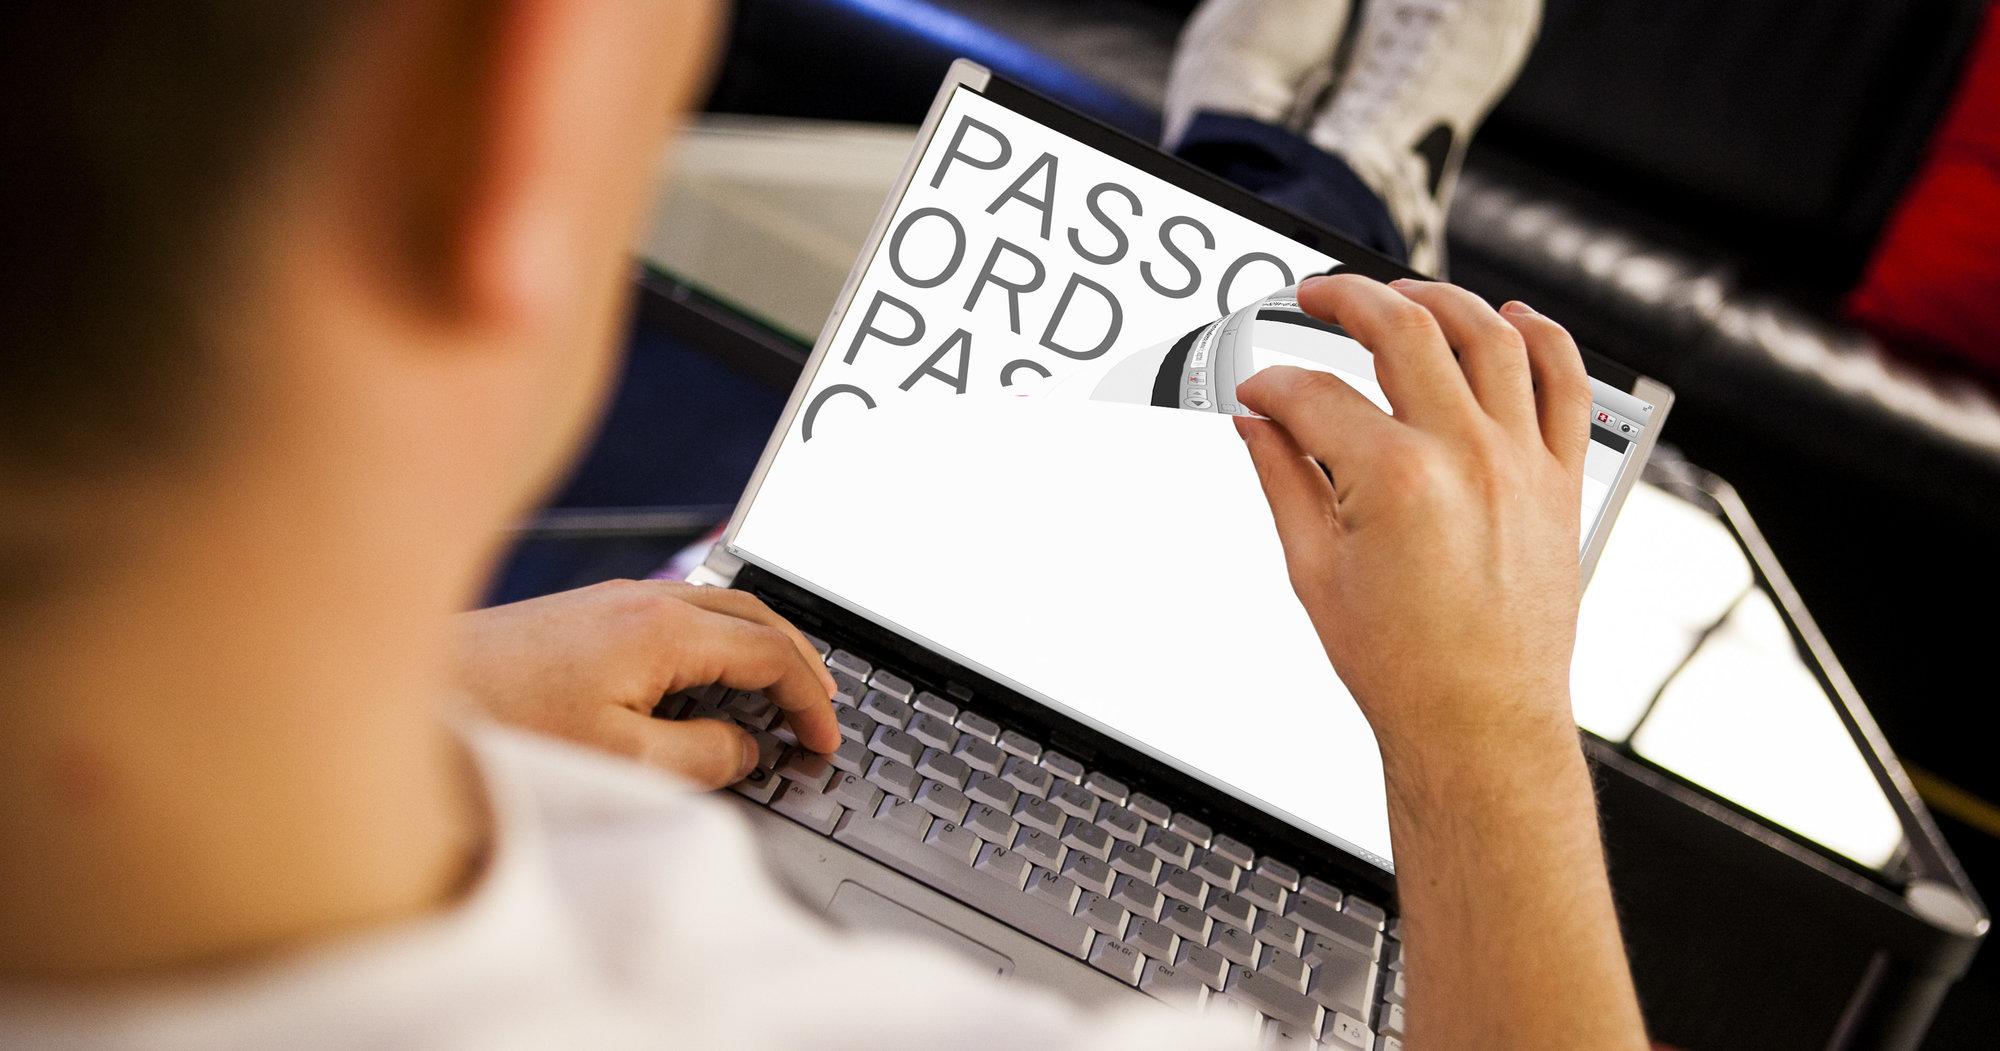 Hackeren ITavisen.no har vært i kontakt med hevder han har funnet store svakheter på mange norske nettsider. Felles for mange av dem er at de bruker løsninger levert av det samme norske selskapet.